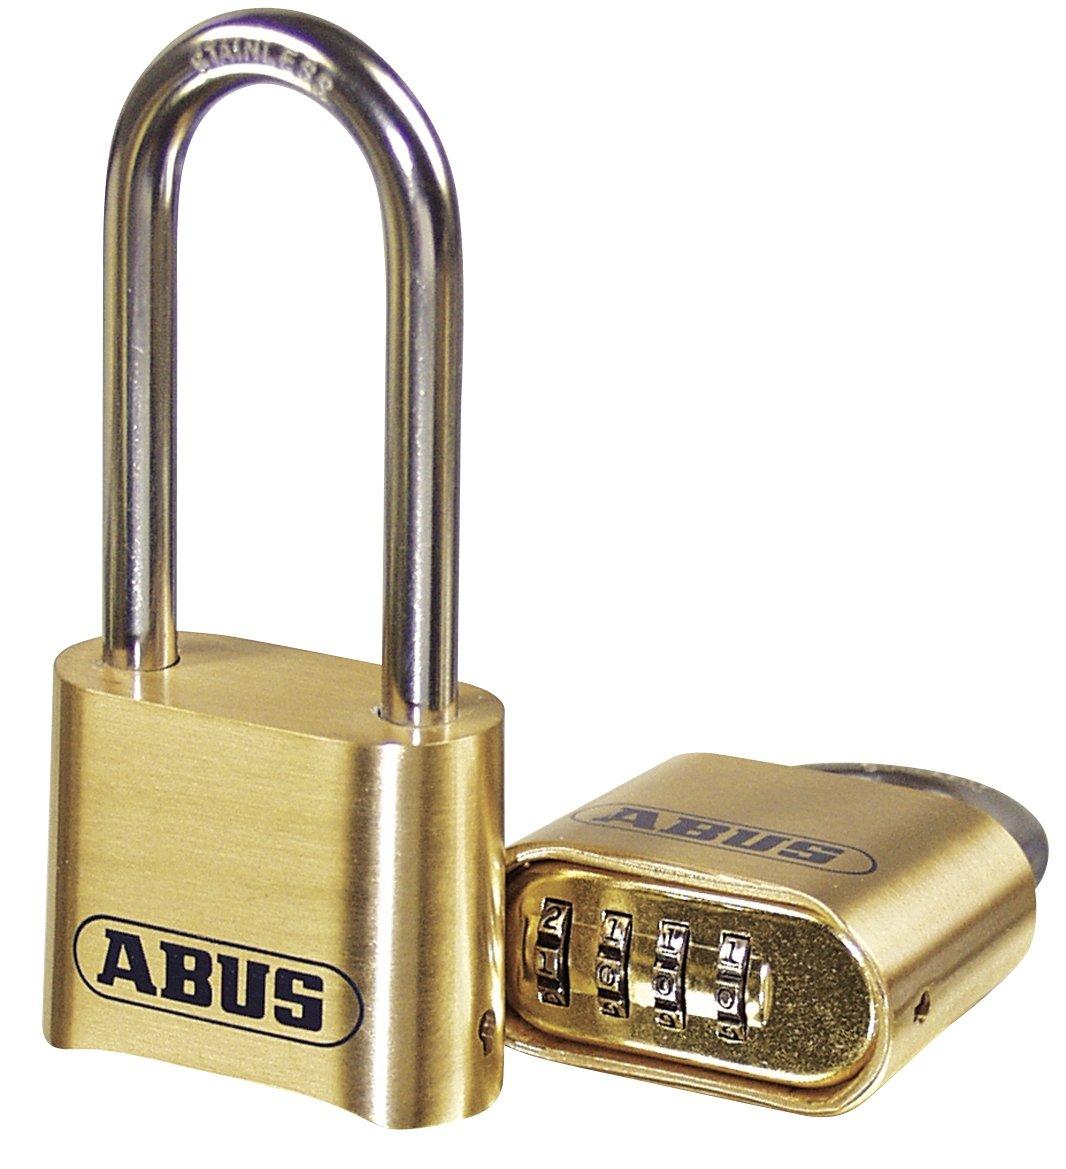 ABUS 180ibhb / 50 – 63 B 2インチAll Weatherソリッド真鍮4-dialリセット可能組み合わせ南京錠2.5インチのステンレススチールシャックル B000Y85SC8